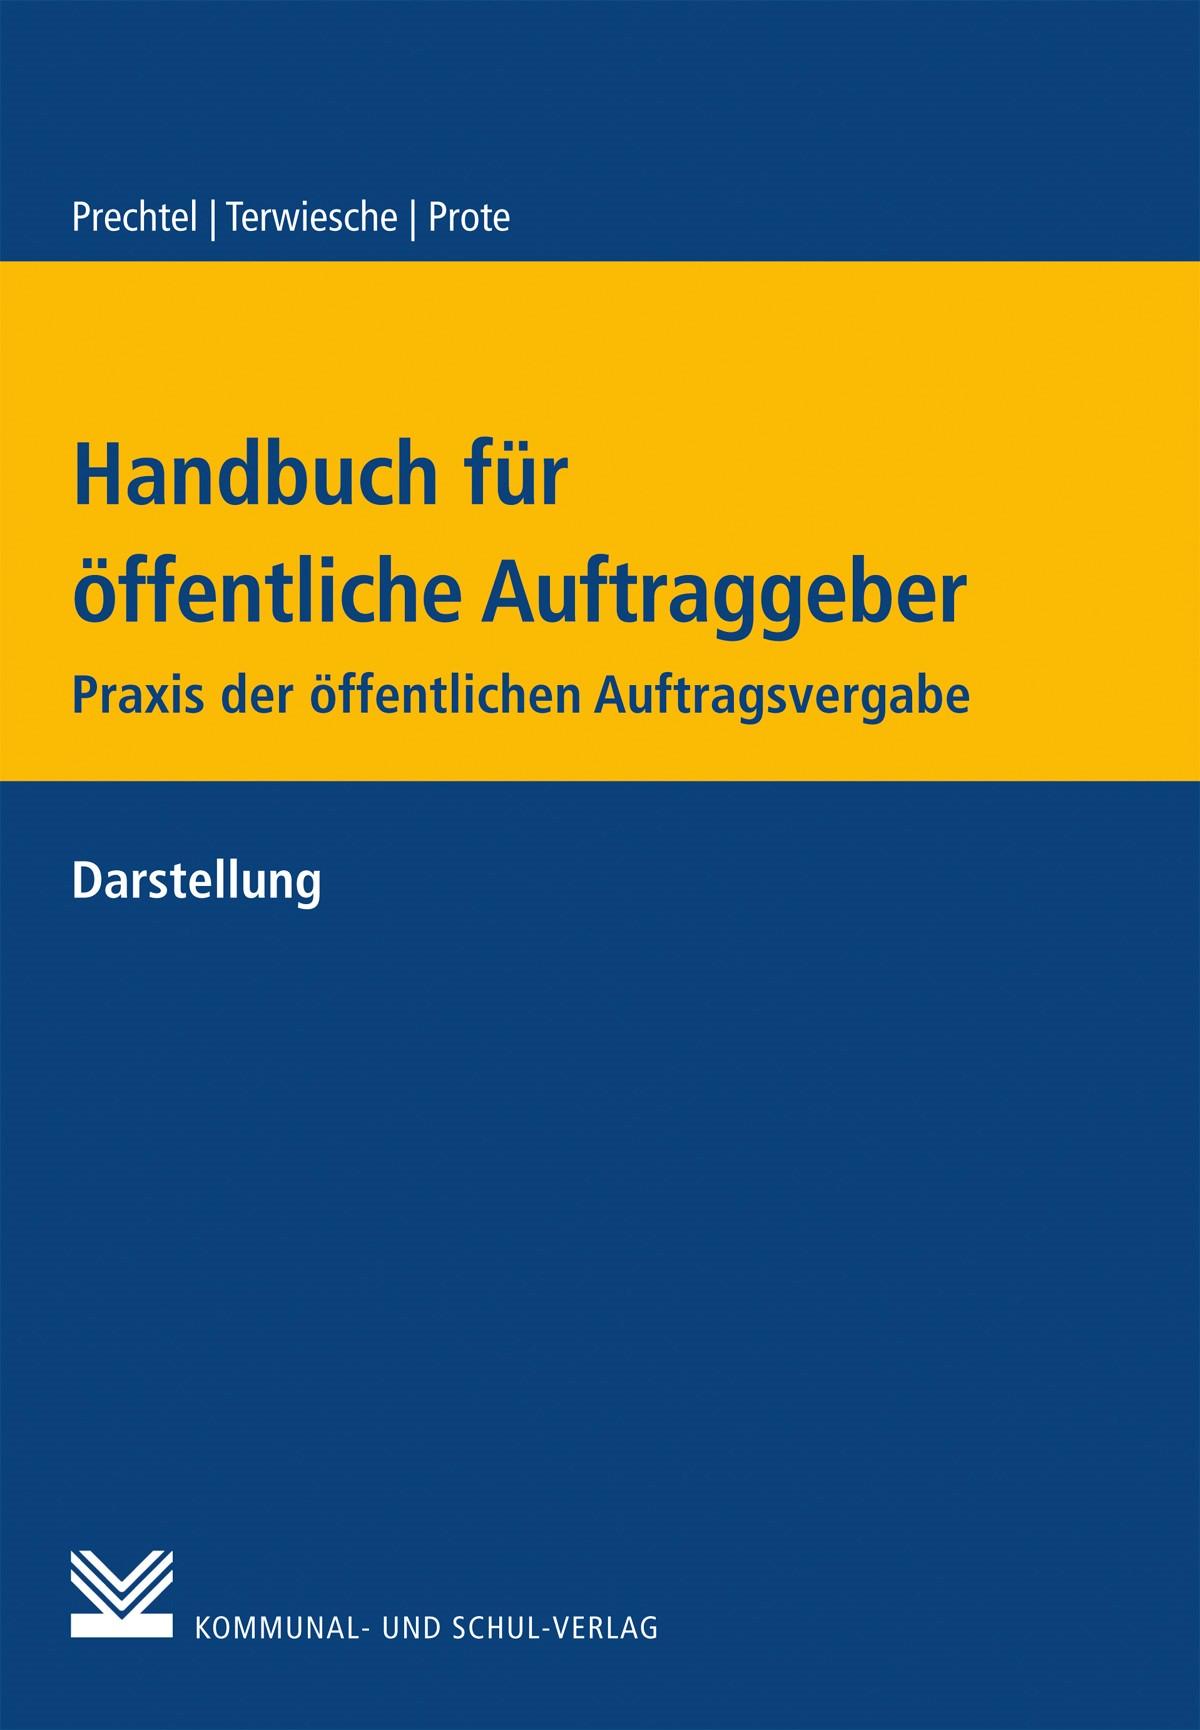 Handbuch für Öffentliche Auftraggeber | Andermann / Einmahl / Maibaum / Rhein / Summa, 2014 | Buch (Cover)